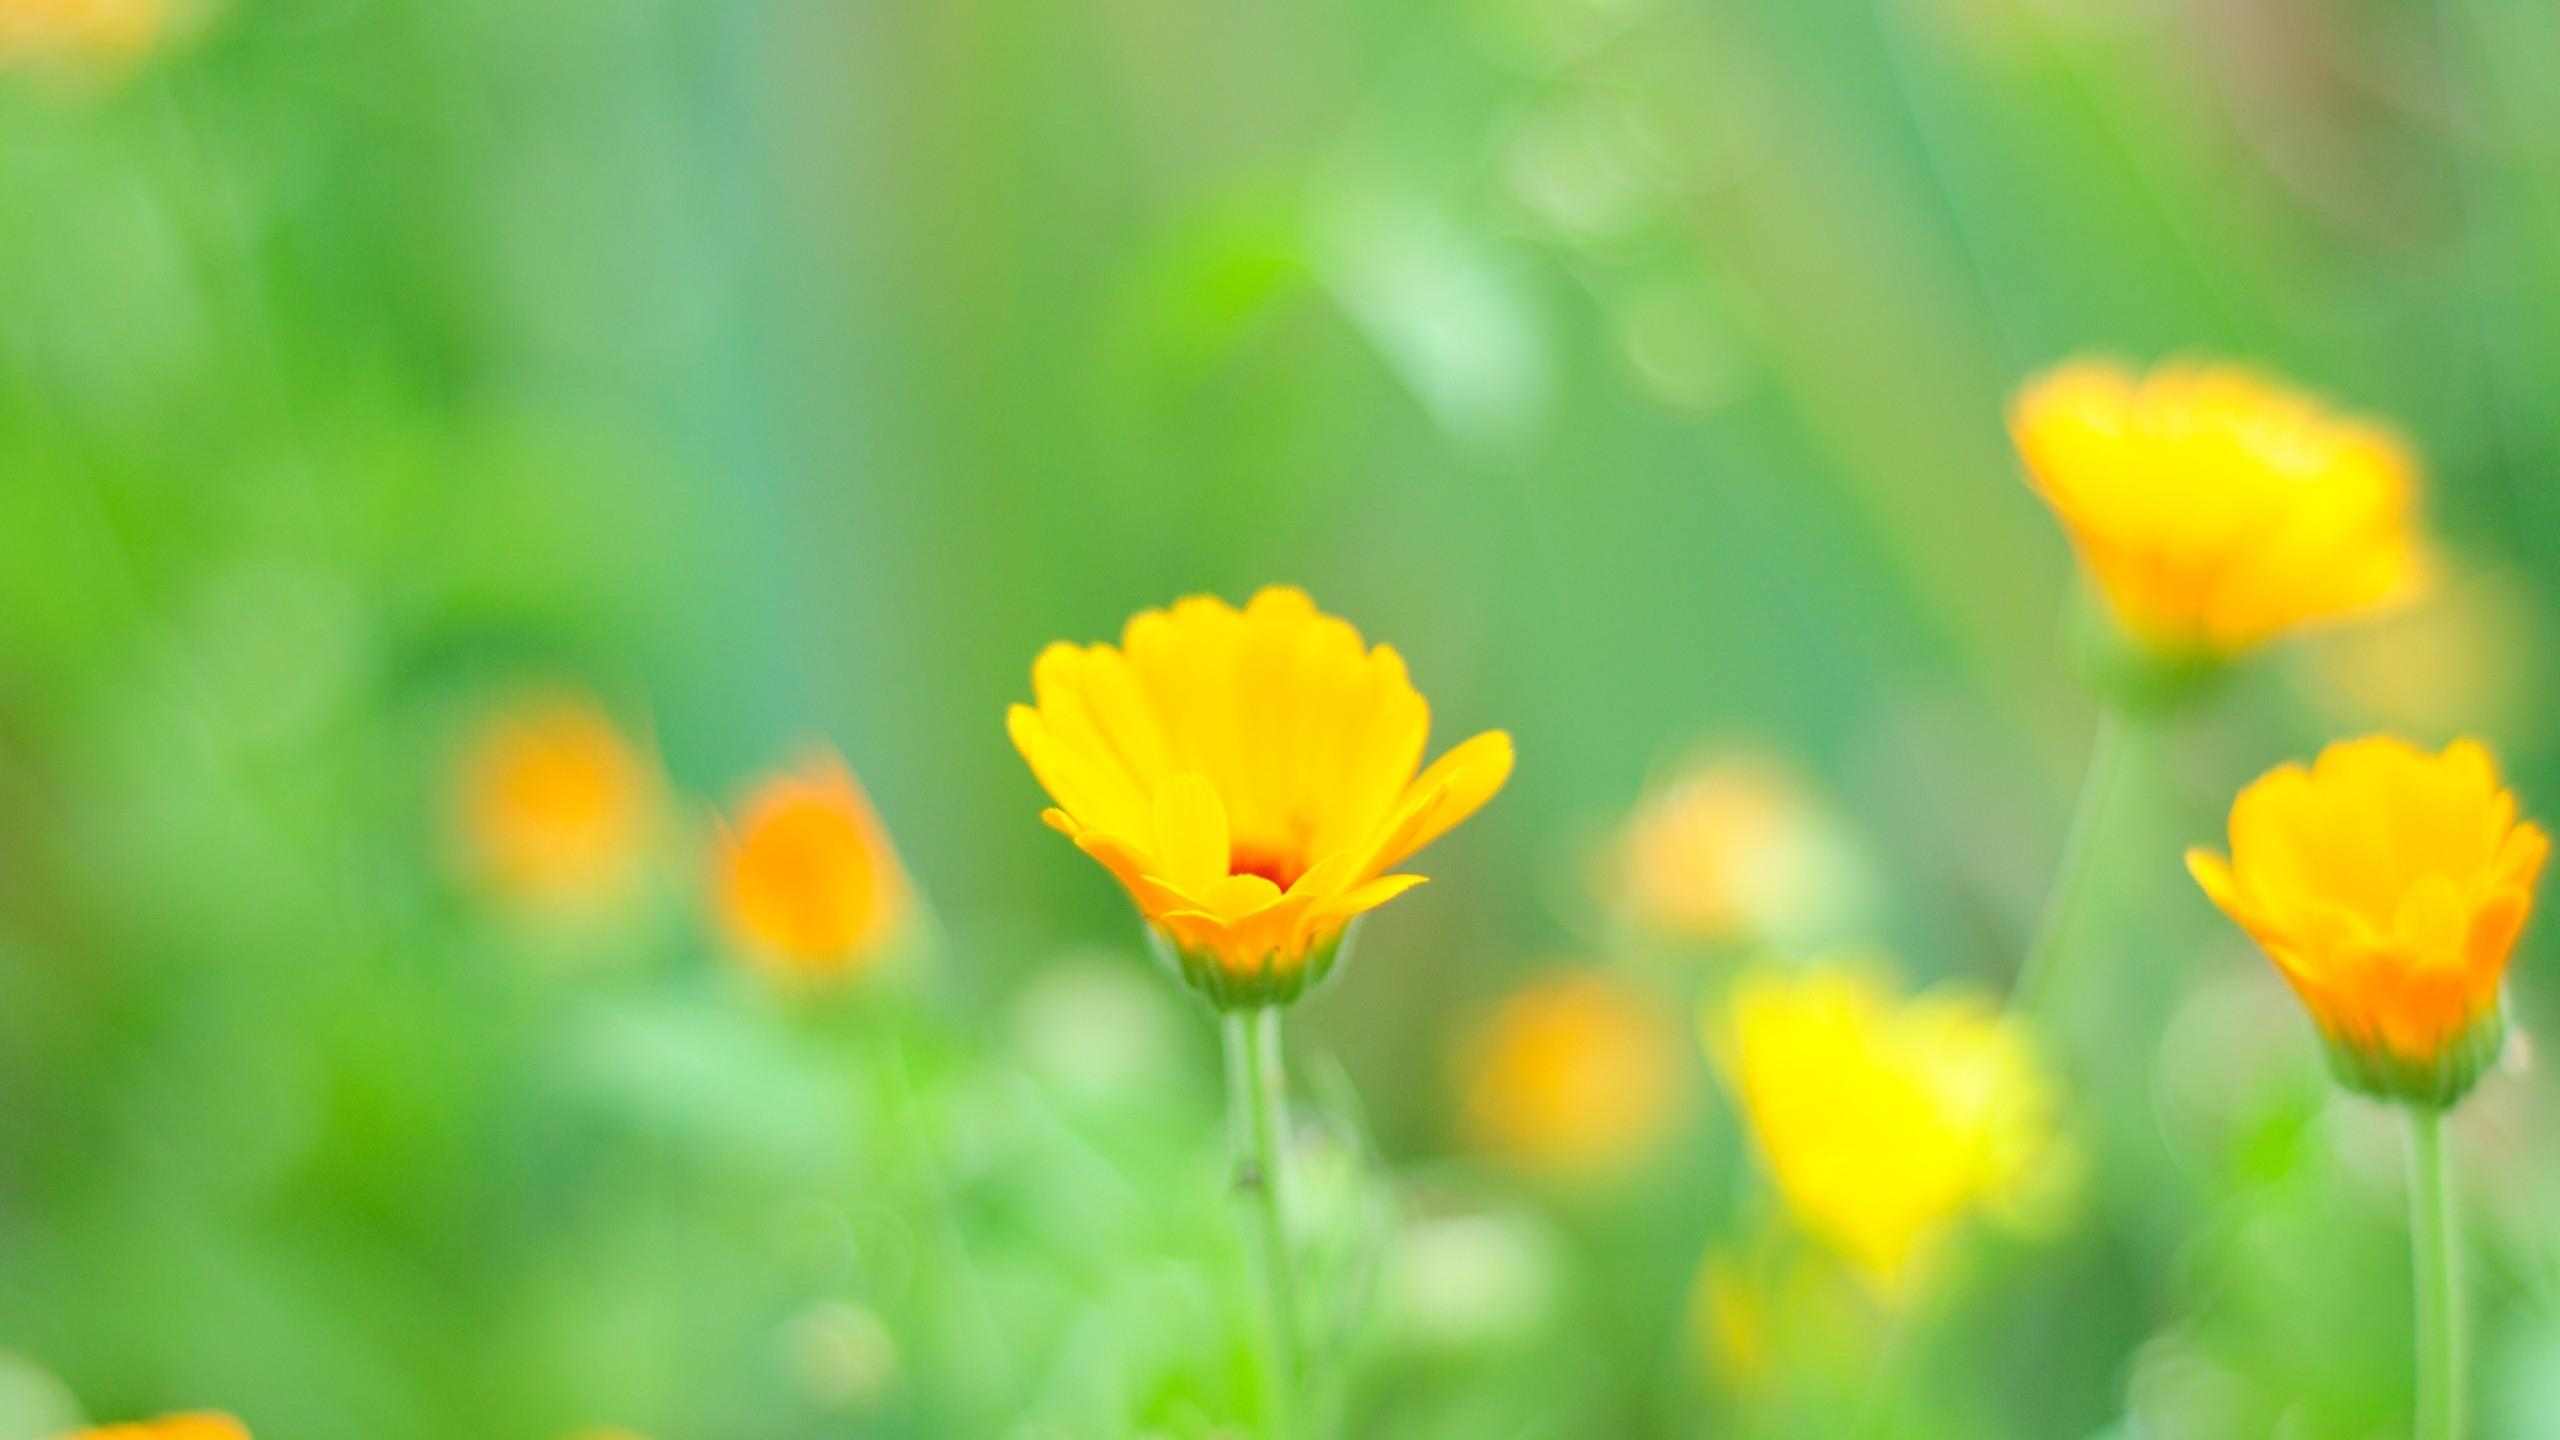 Wallpaper : sunlight, flowers, grass, field, yellow, morning